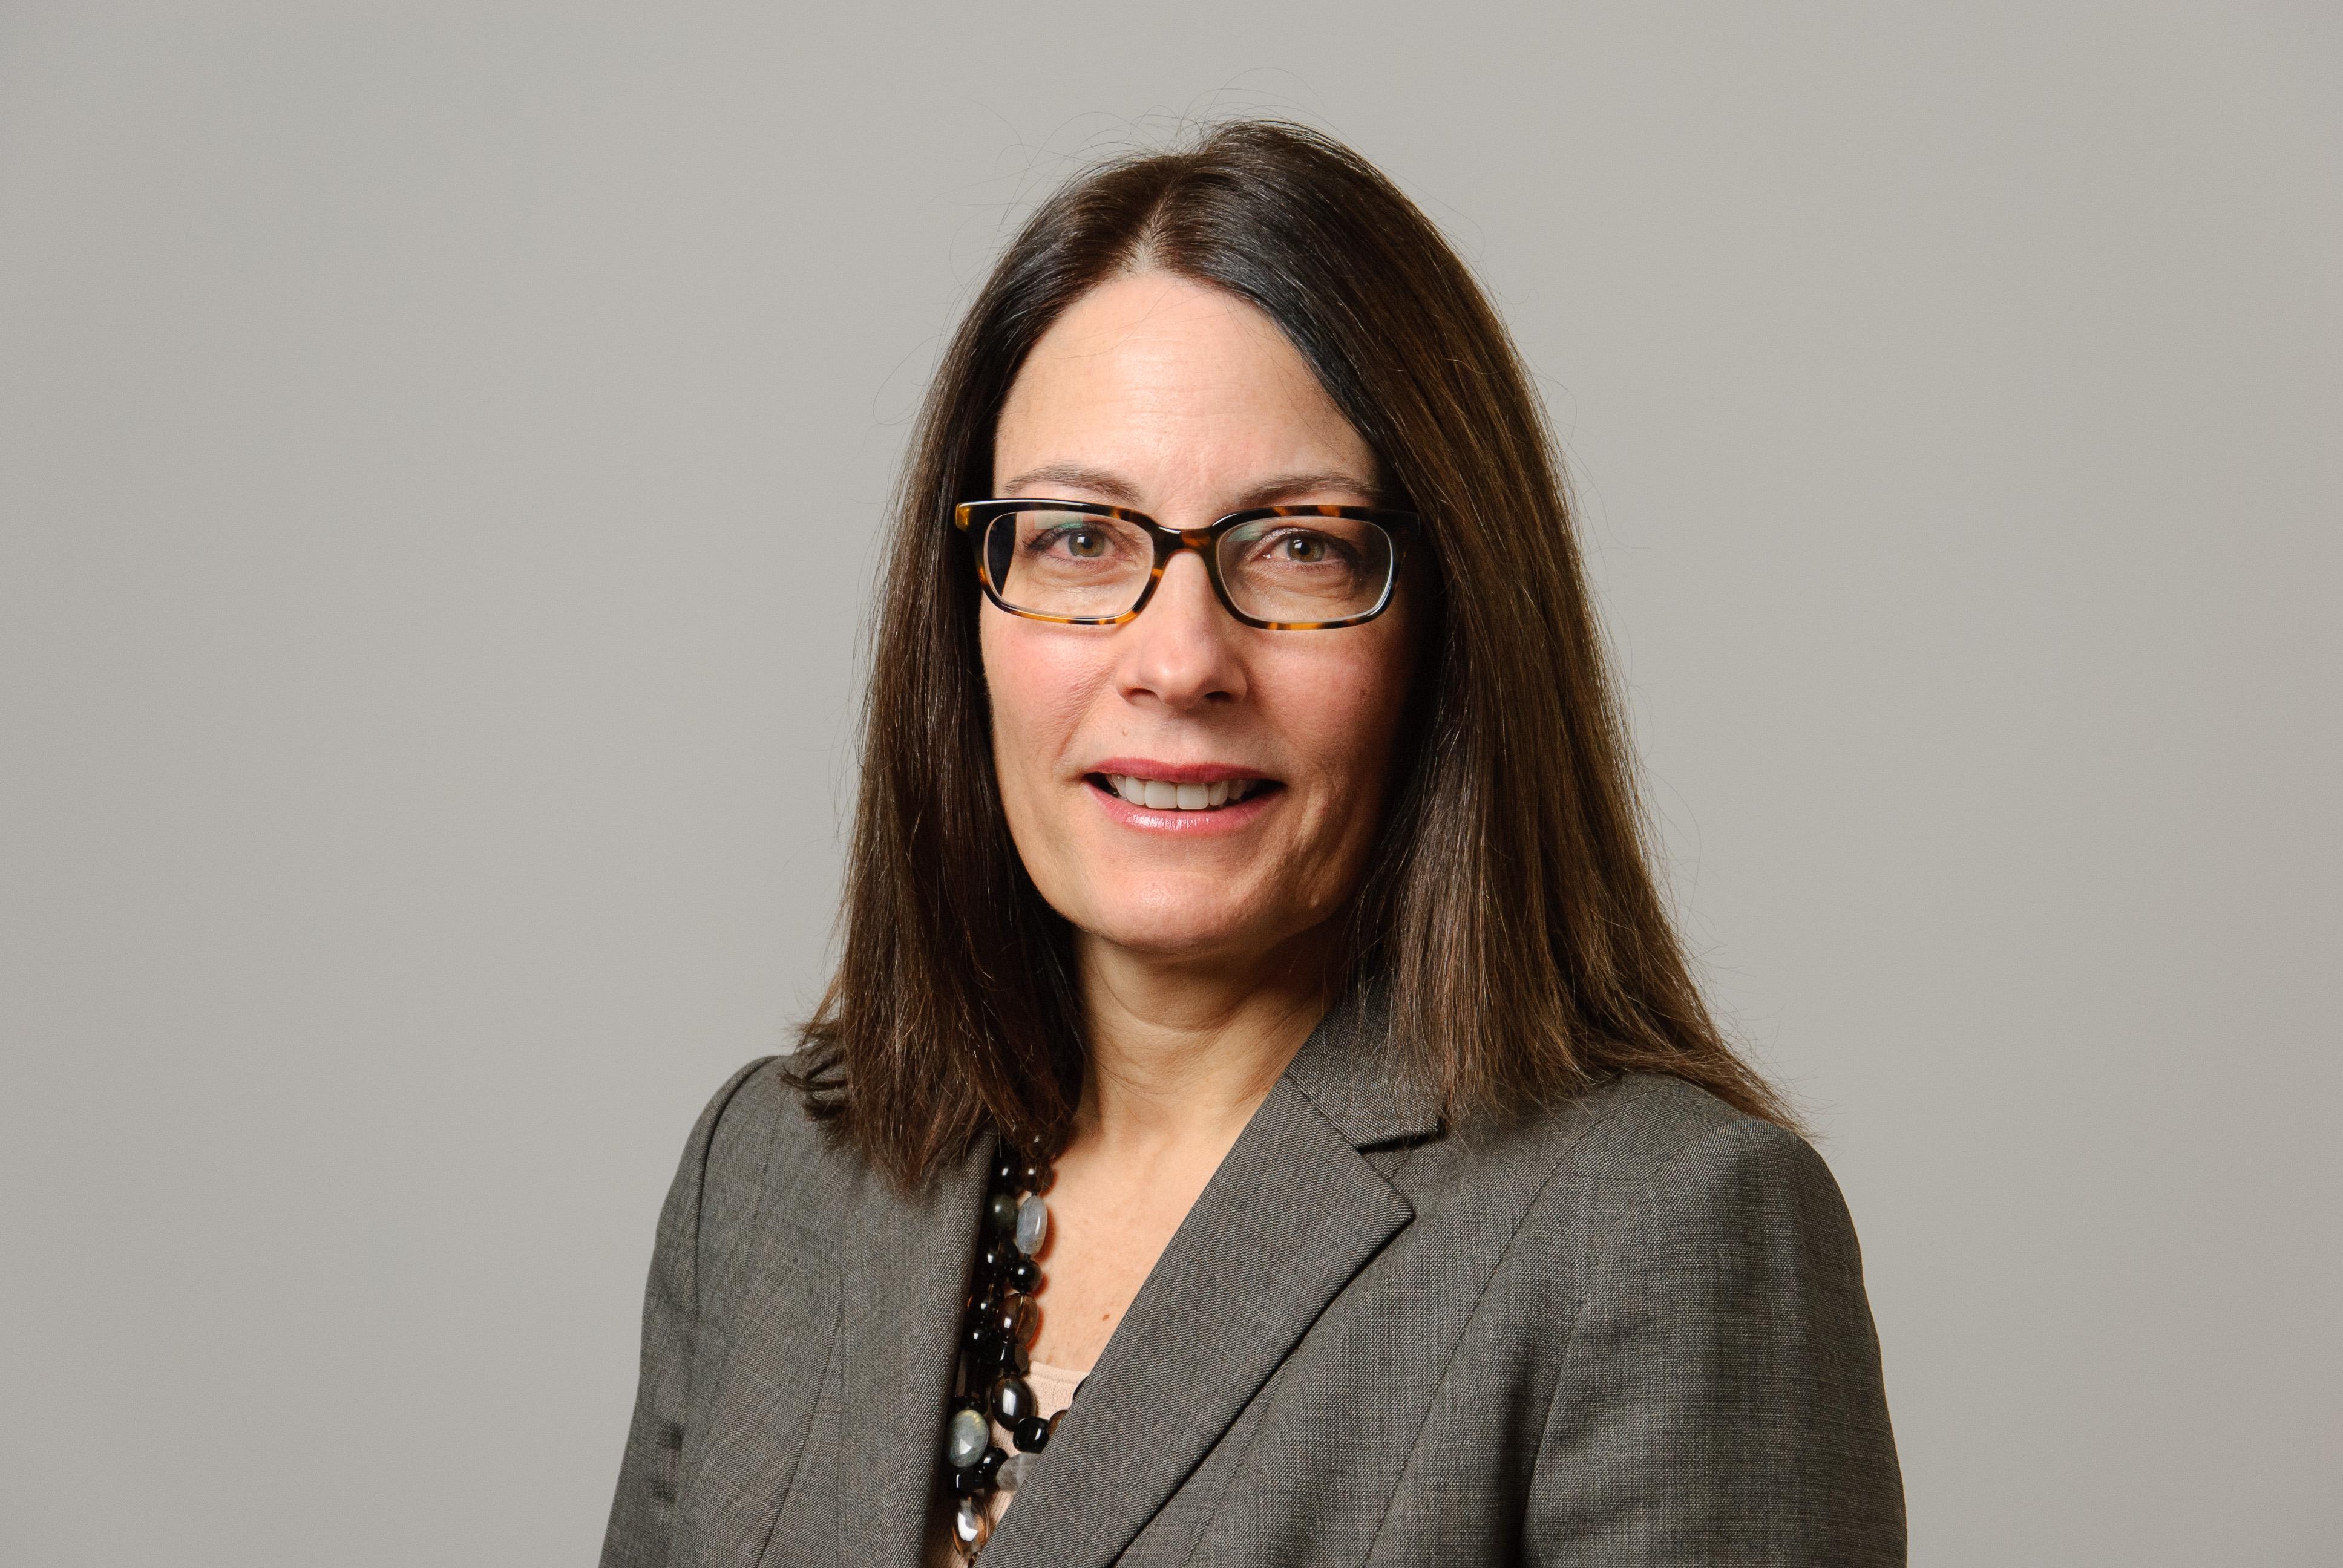 Headshot of Terri Dominguez.